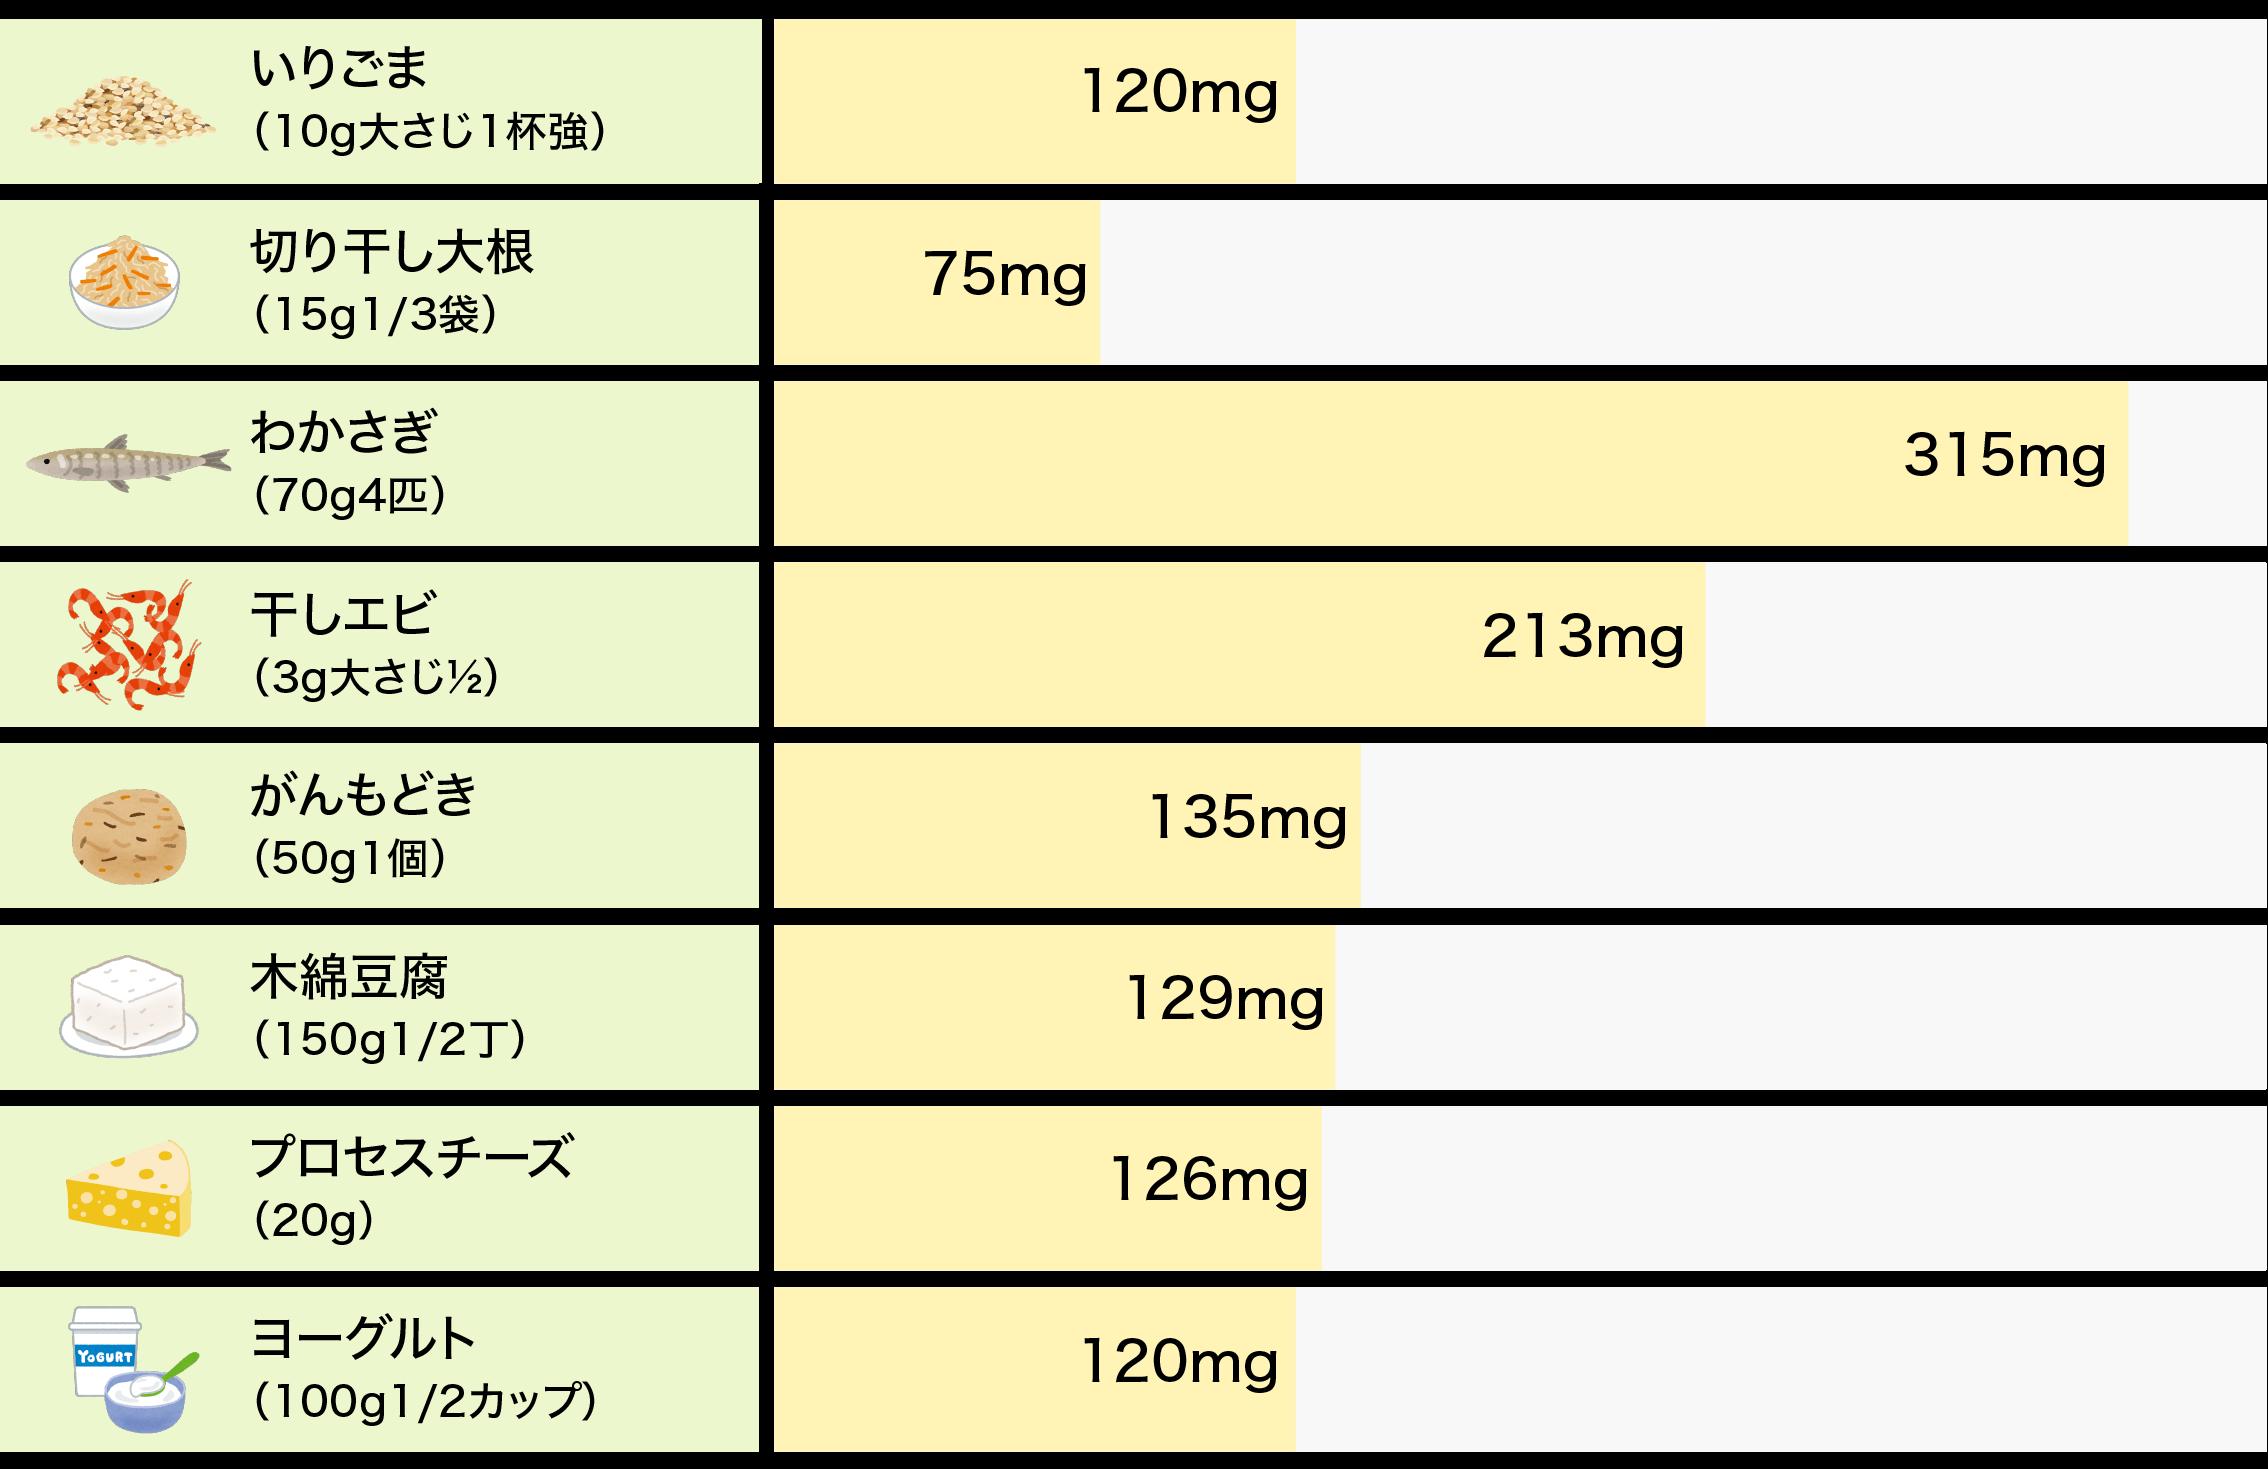 カルシウム含有量